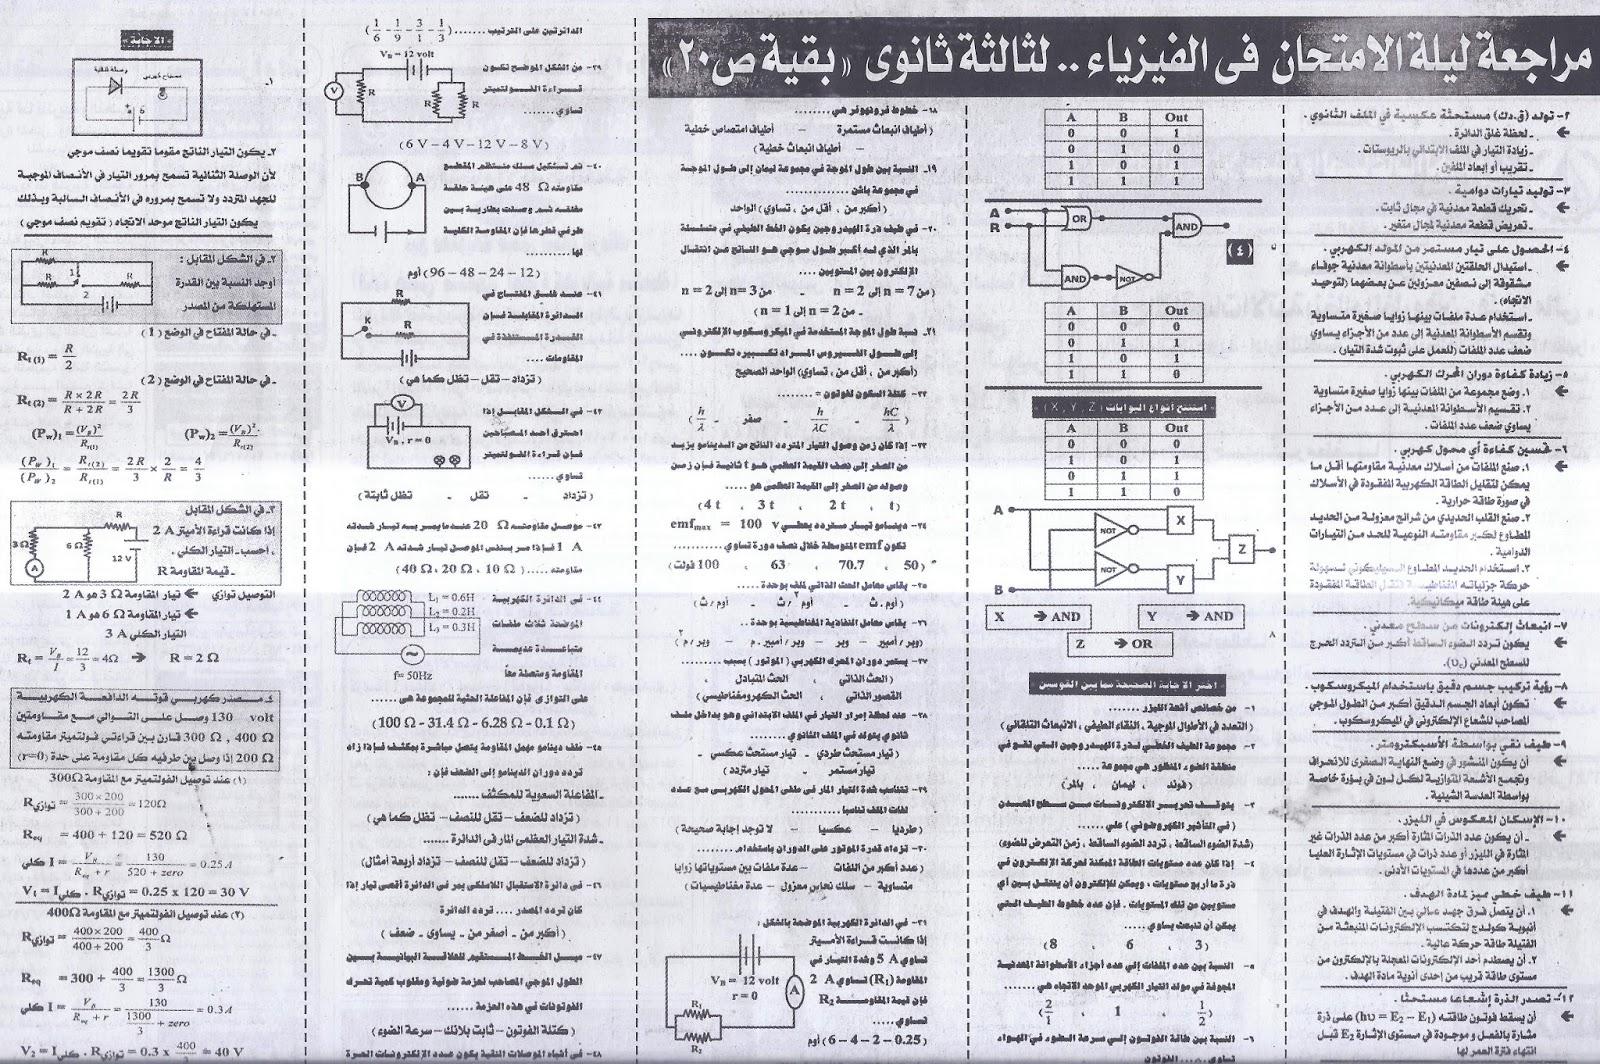 بنك توقعات الفيزياء.. لثالثة ثانوي - ملحق الجمهورية الجزء الاول 9